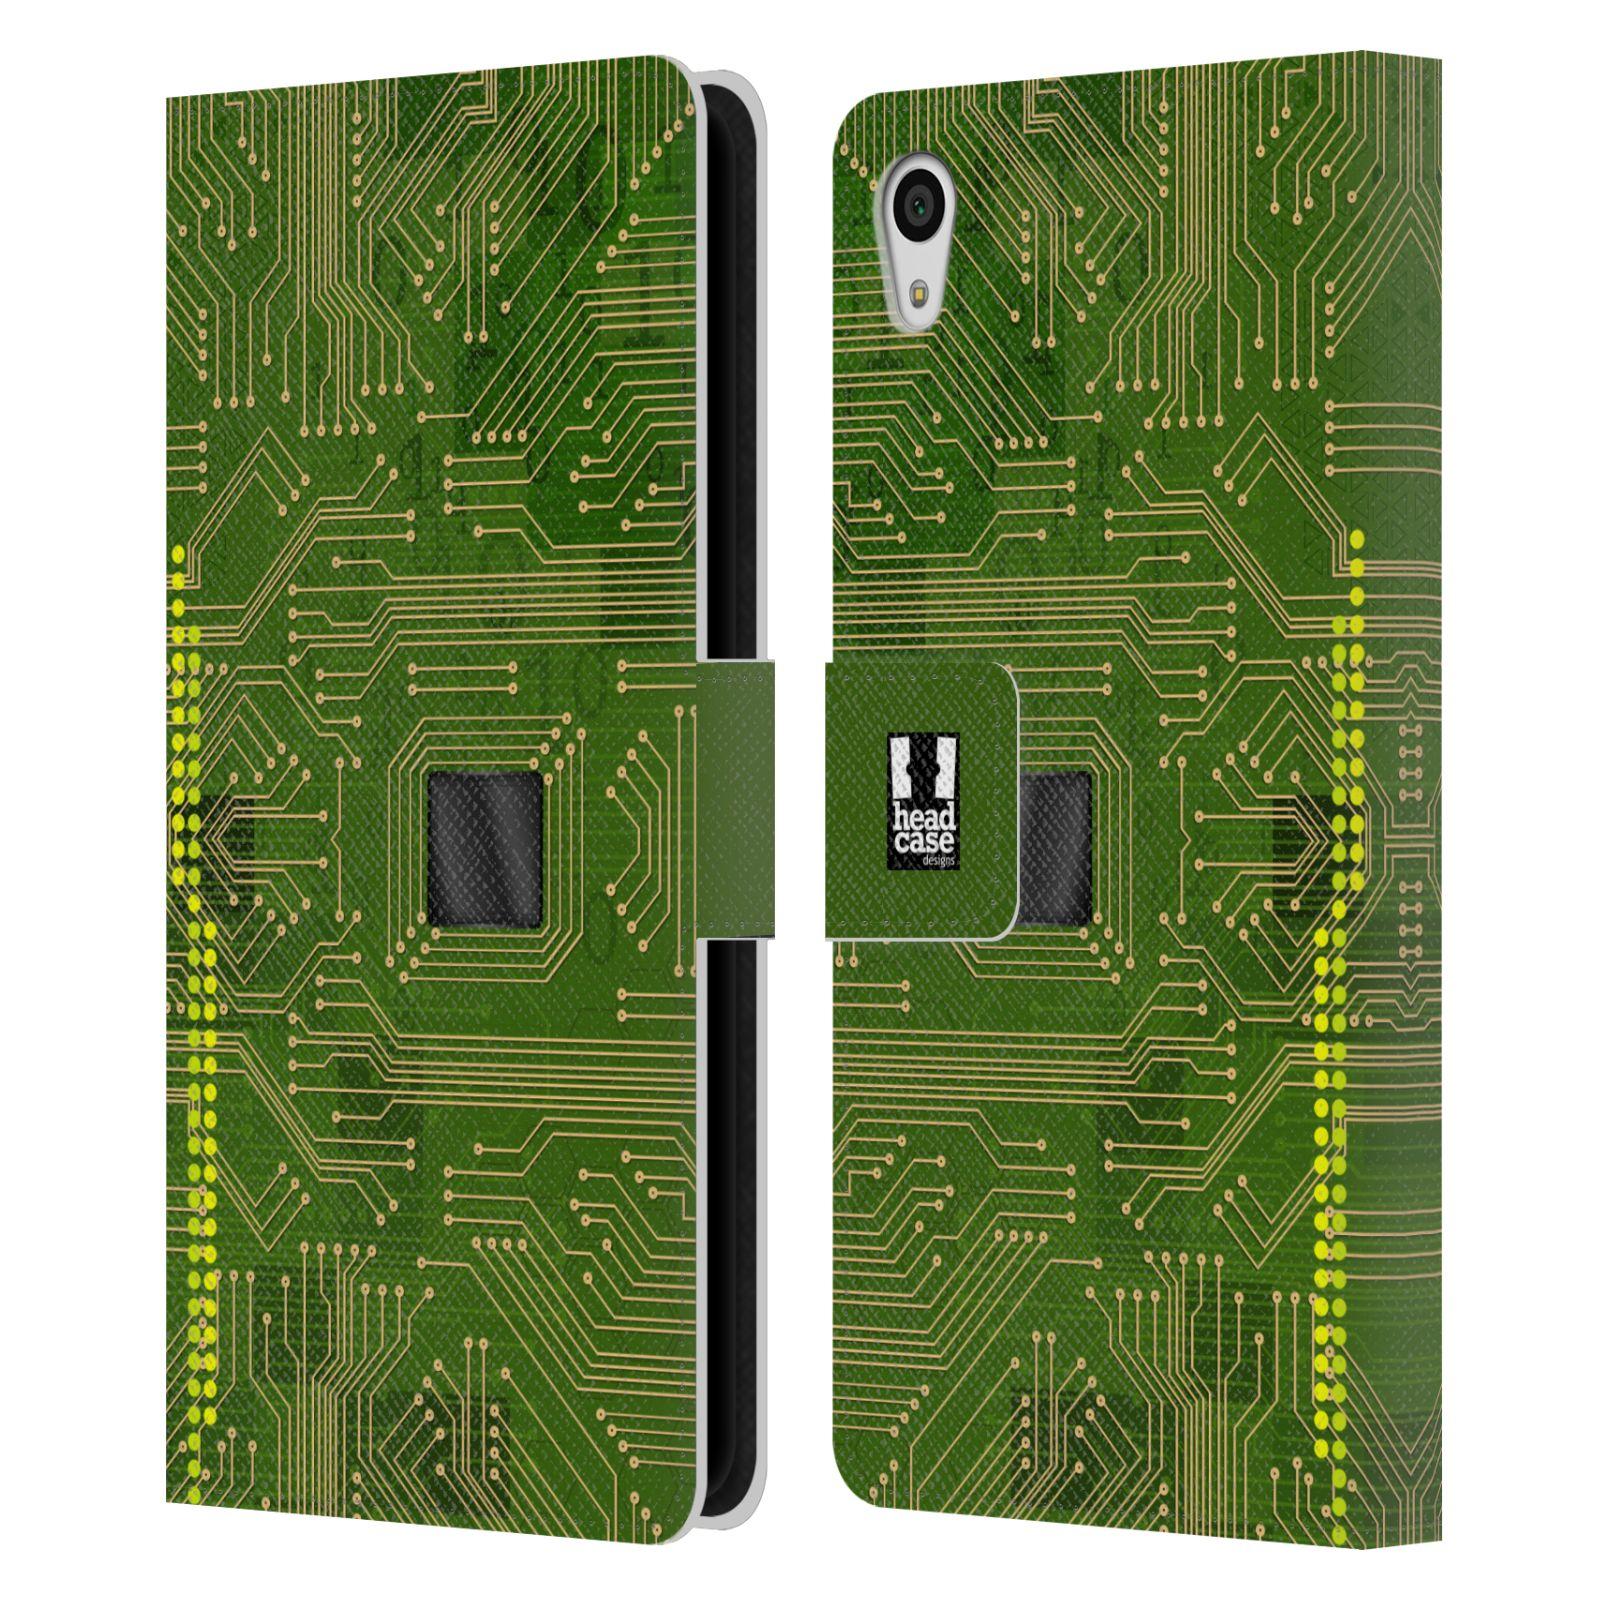 HEAD CASE Flipové pouzdro pro mobil SONY XPERIA Z5 počítač základní deska zelená barva